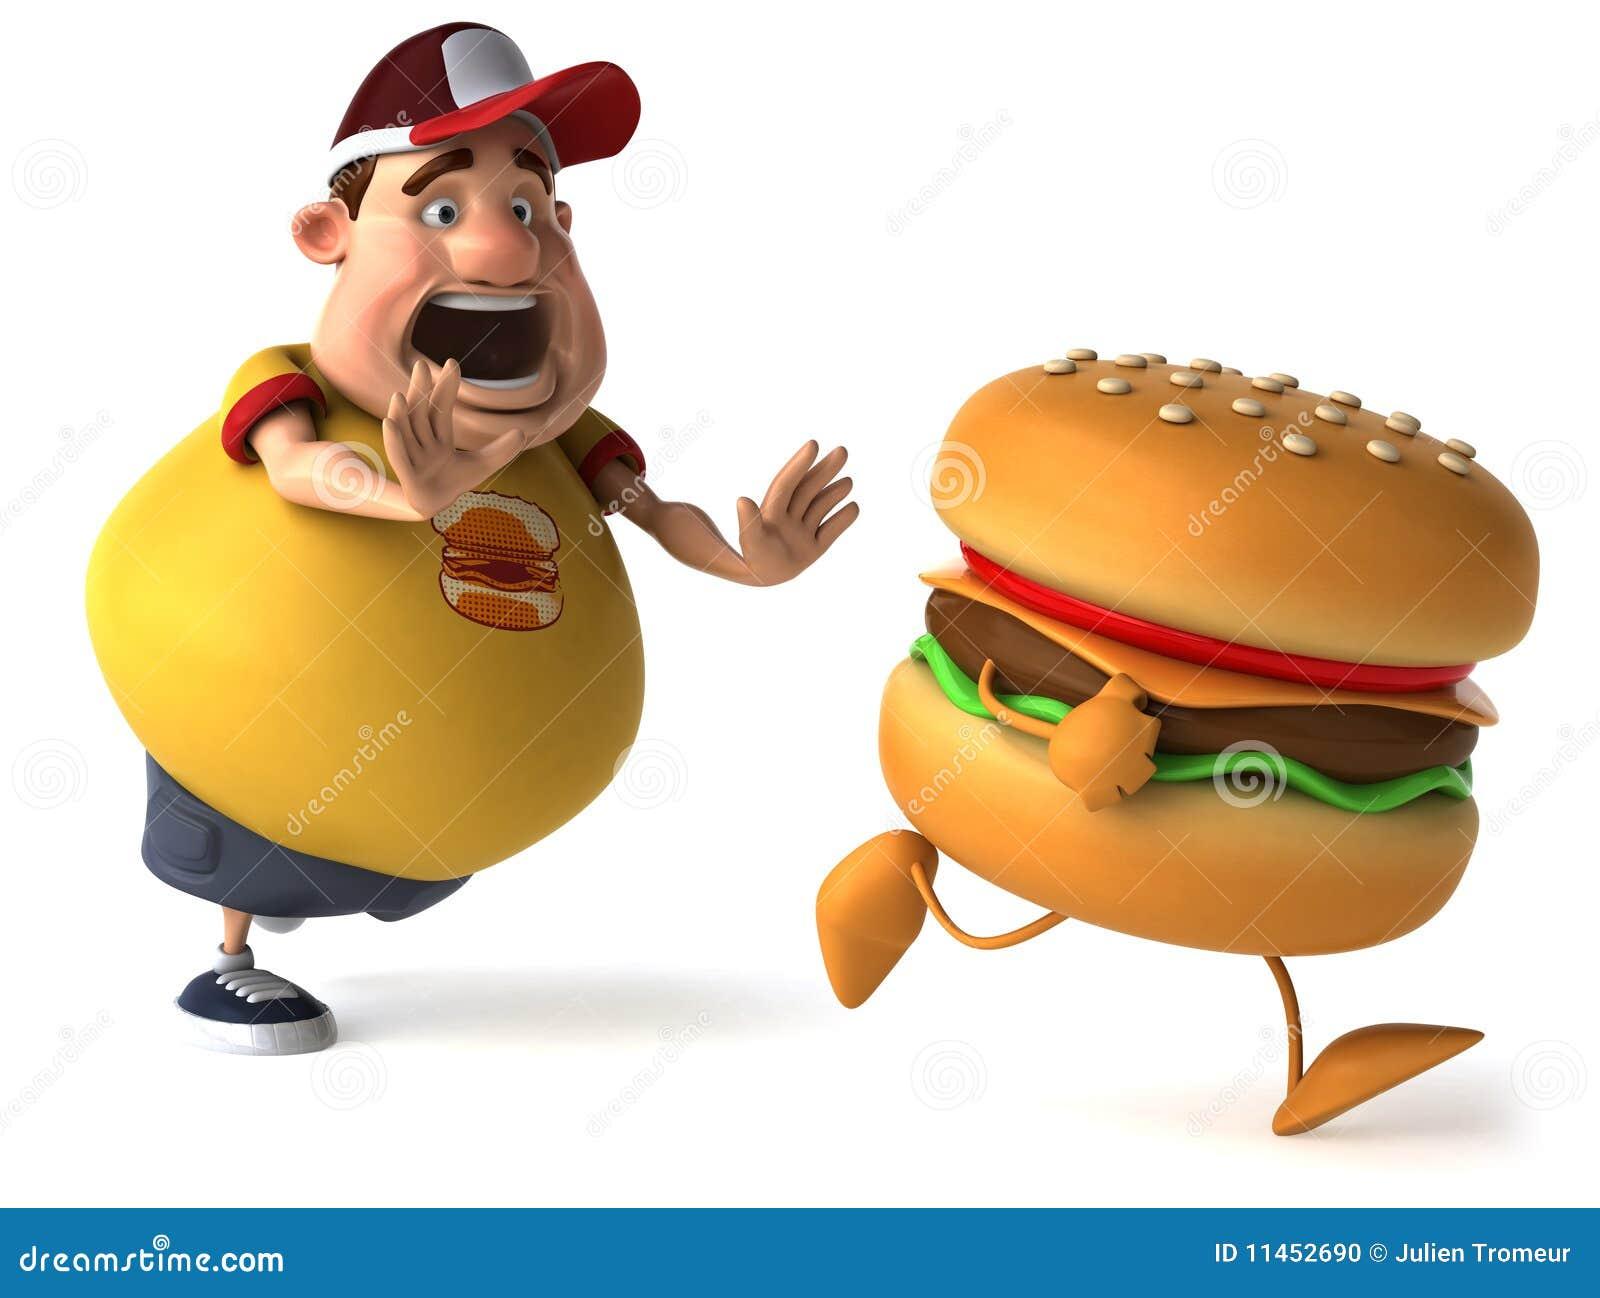 Foto de archivo: Cabrito y hamburguesa gordos